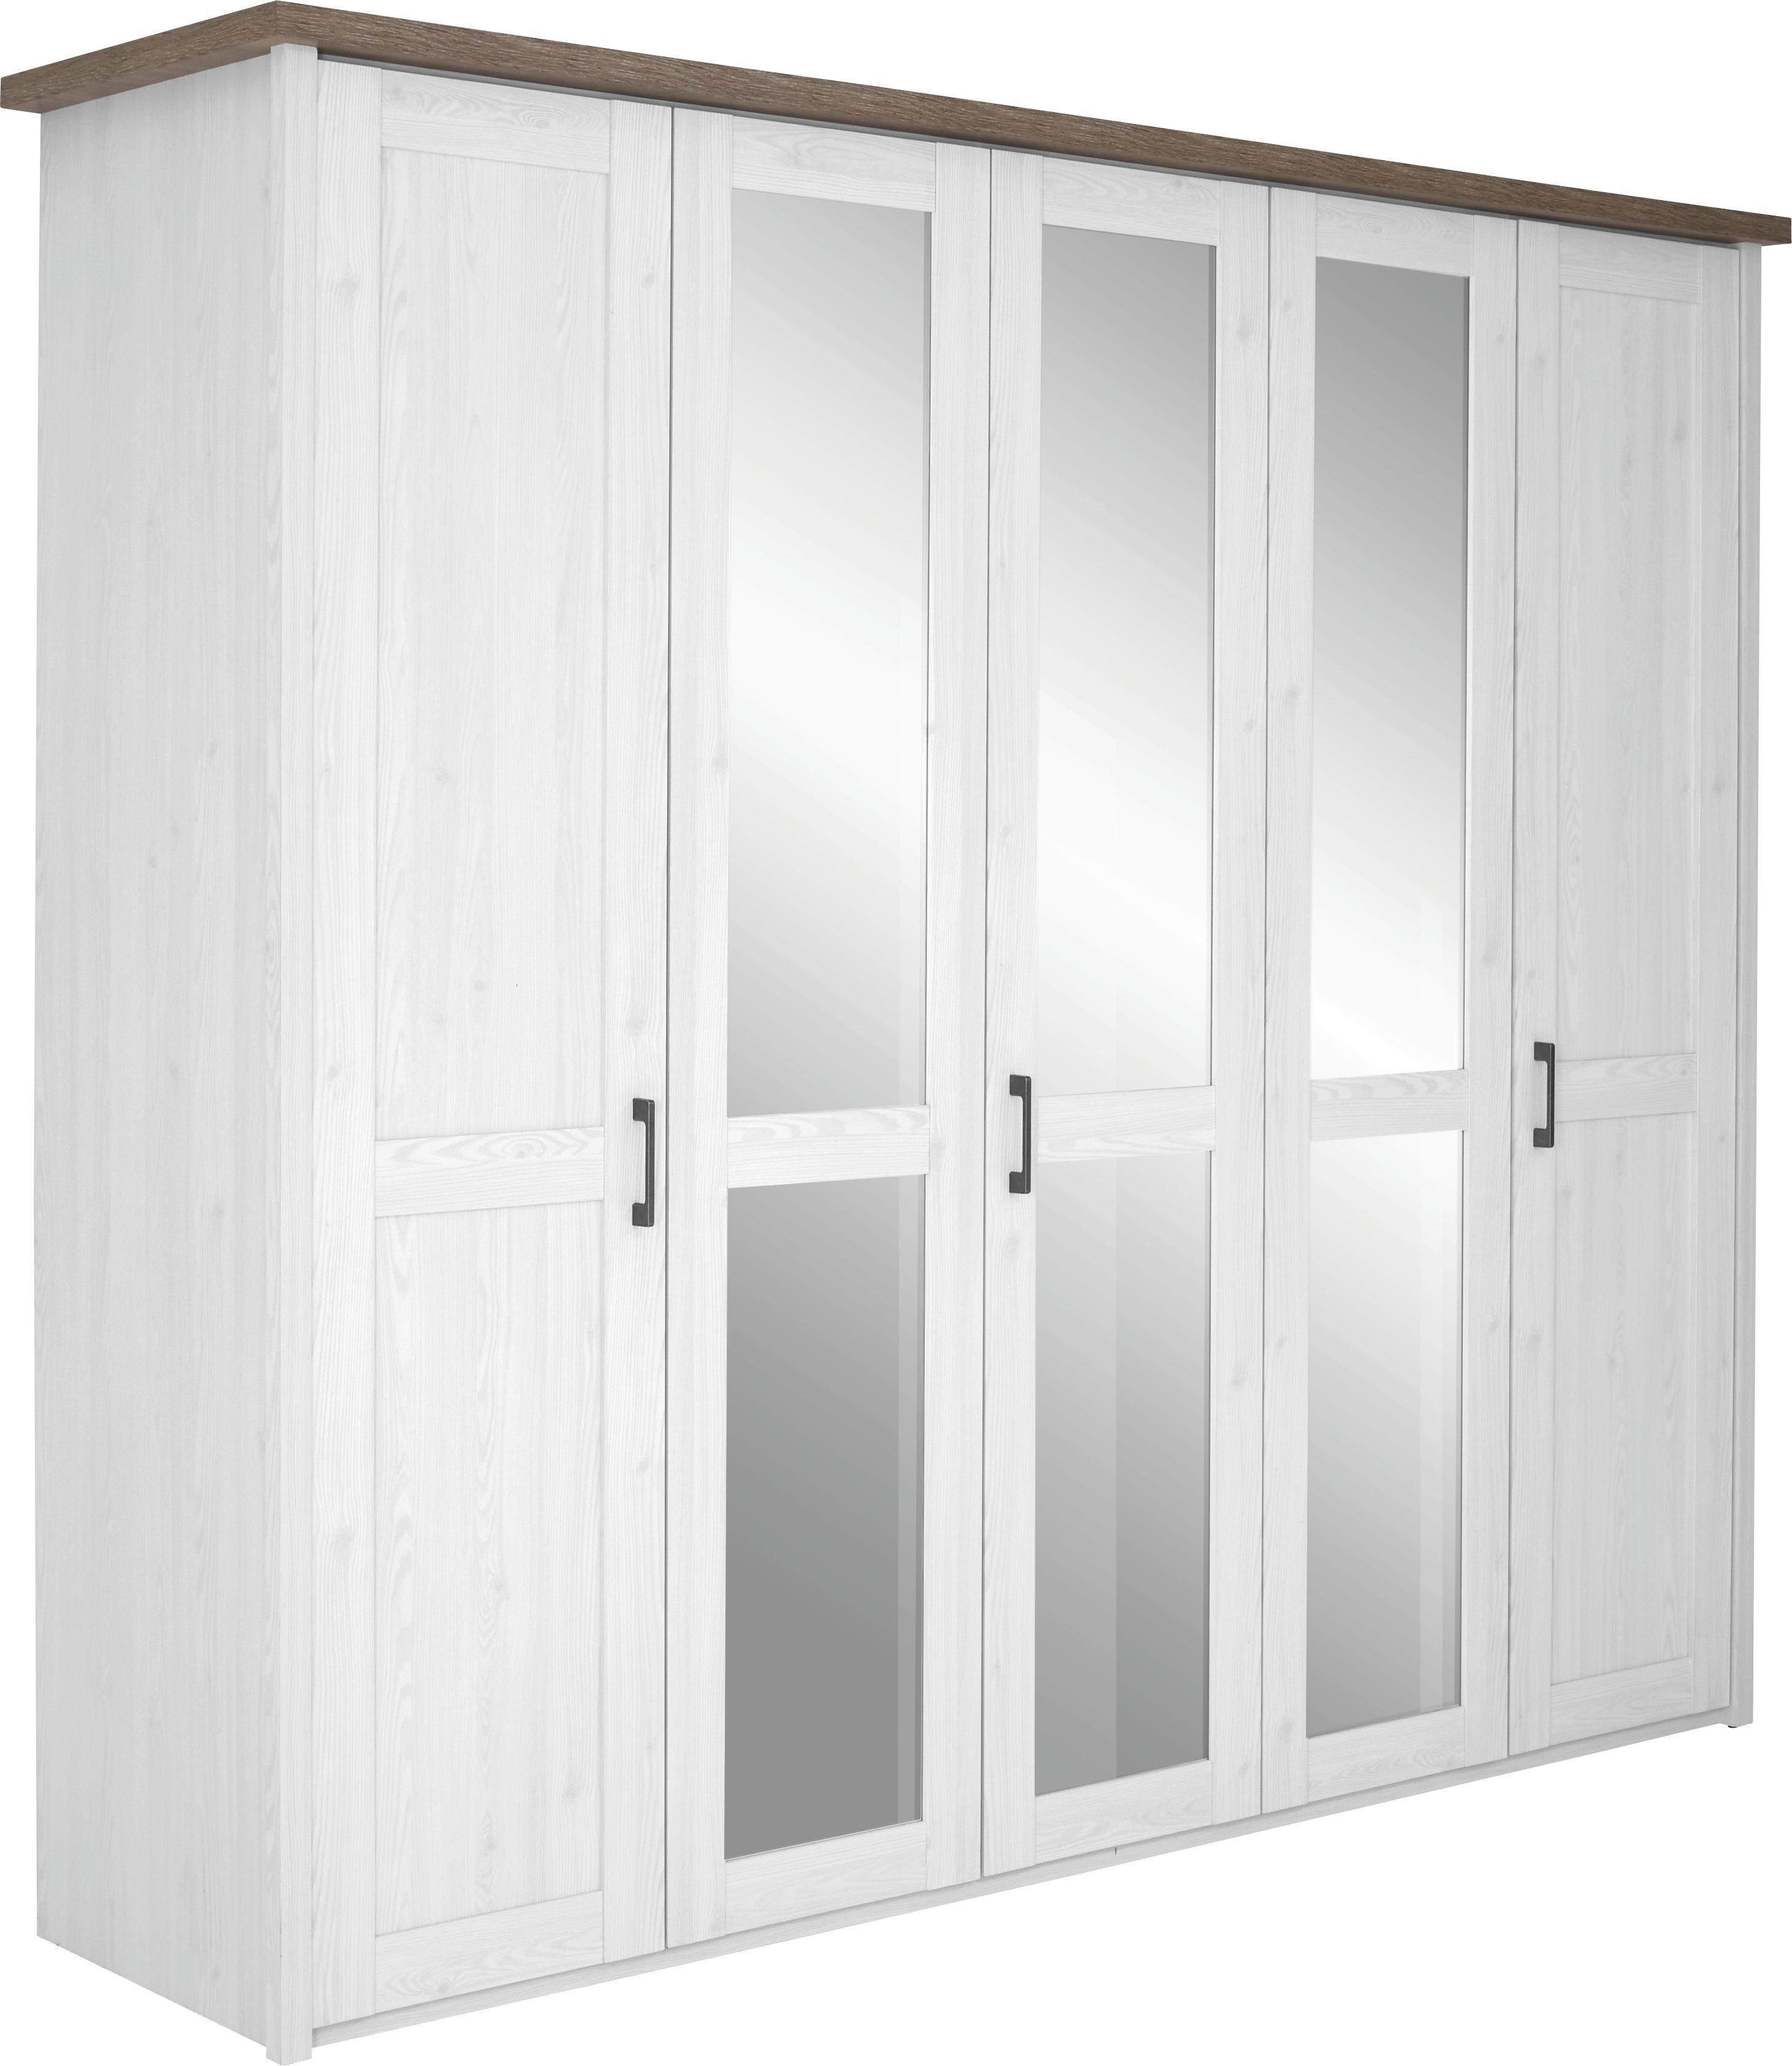 KLEIDERSCHRANK 5  -türig Eichefarben, Weiß - Eichefarben/Weiß, Design, Holzwerkstoff/Metall (235/213/61cm) - CARRYHOME